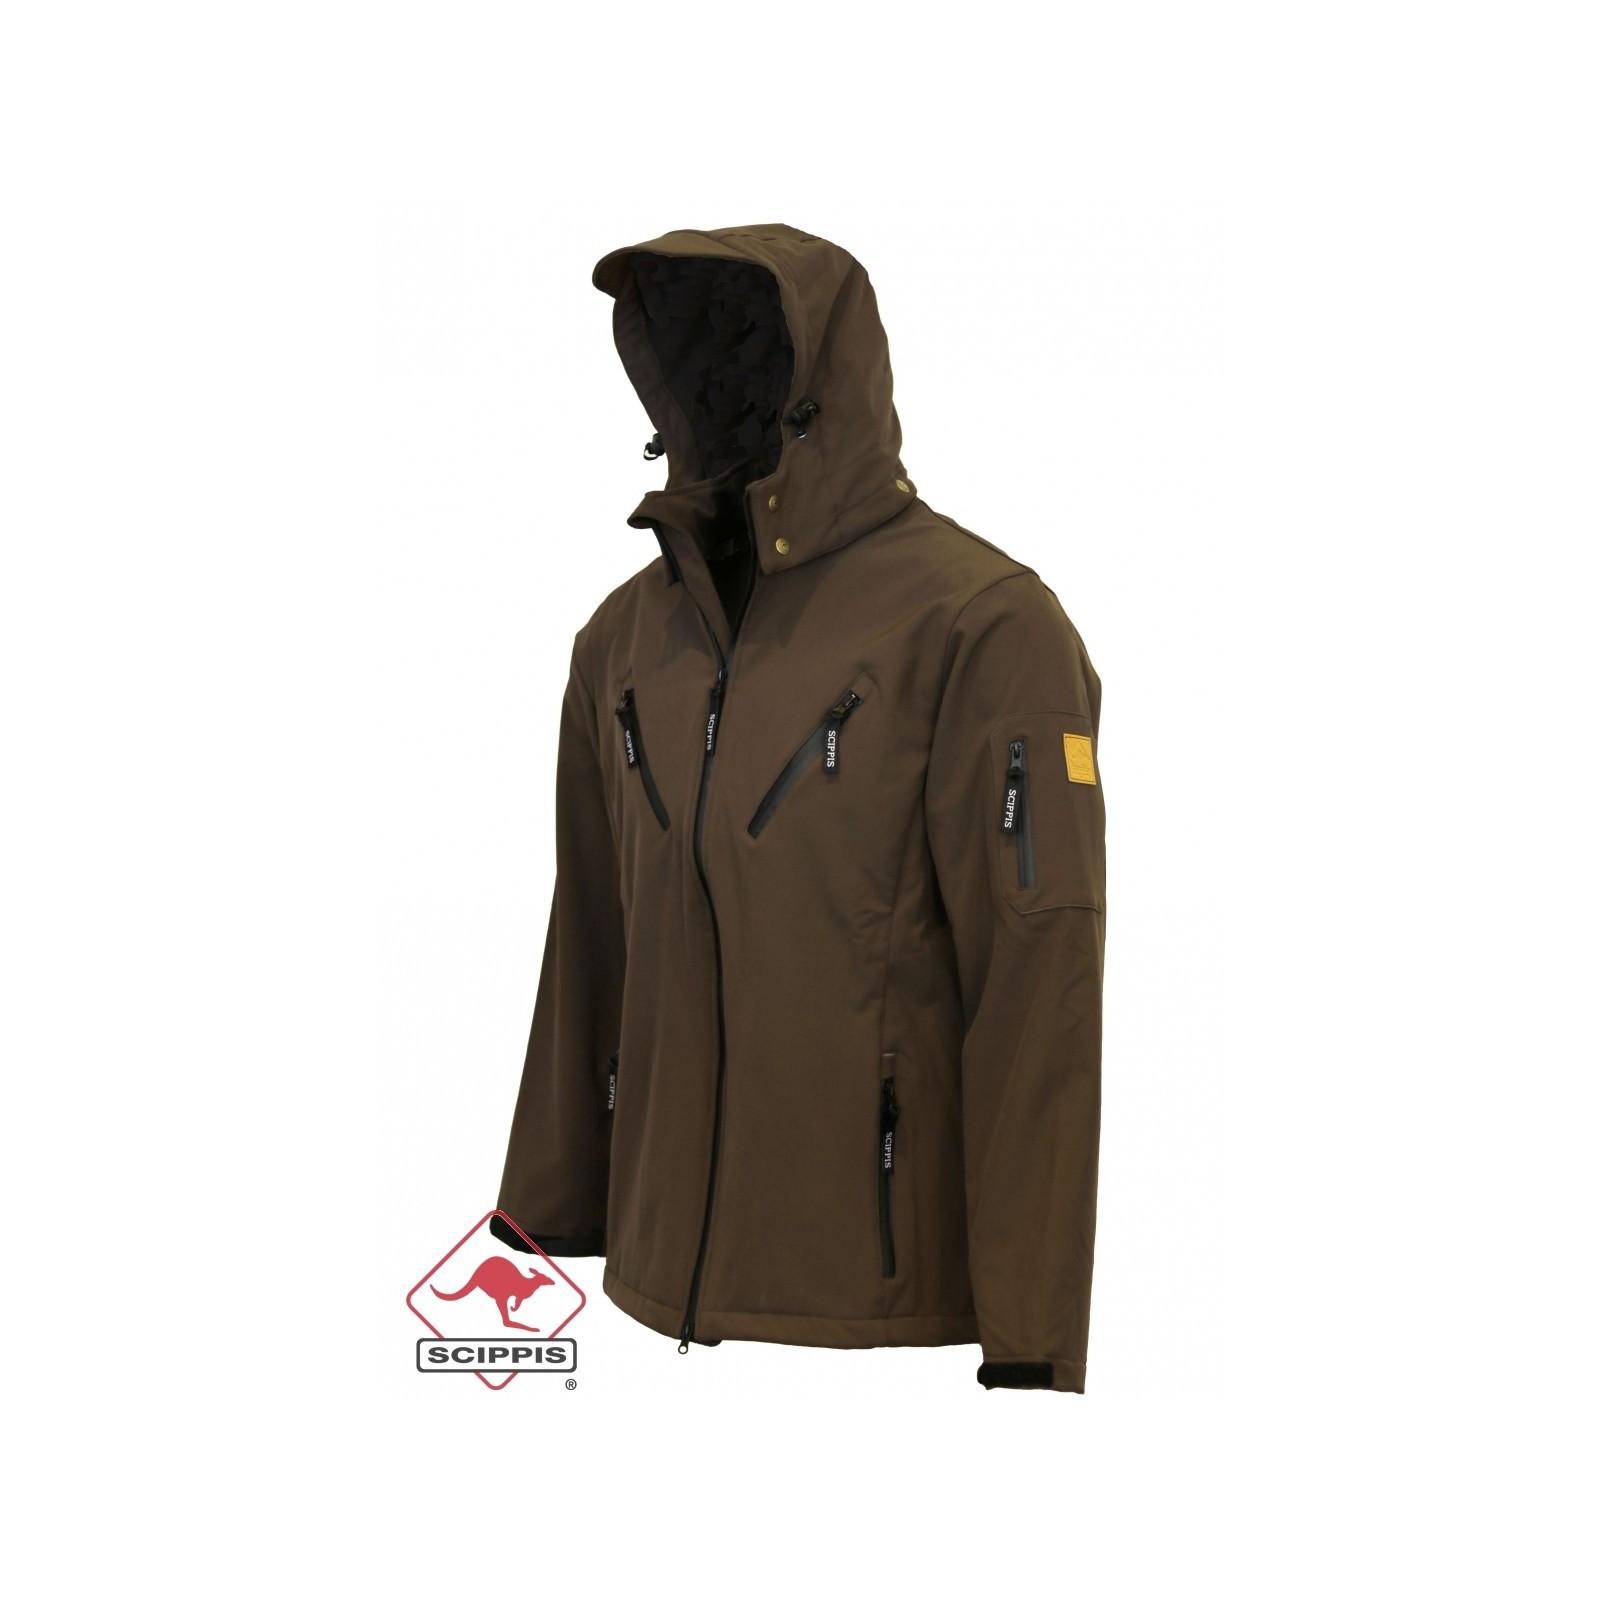 Scippis Yalata Jacket